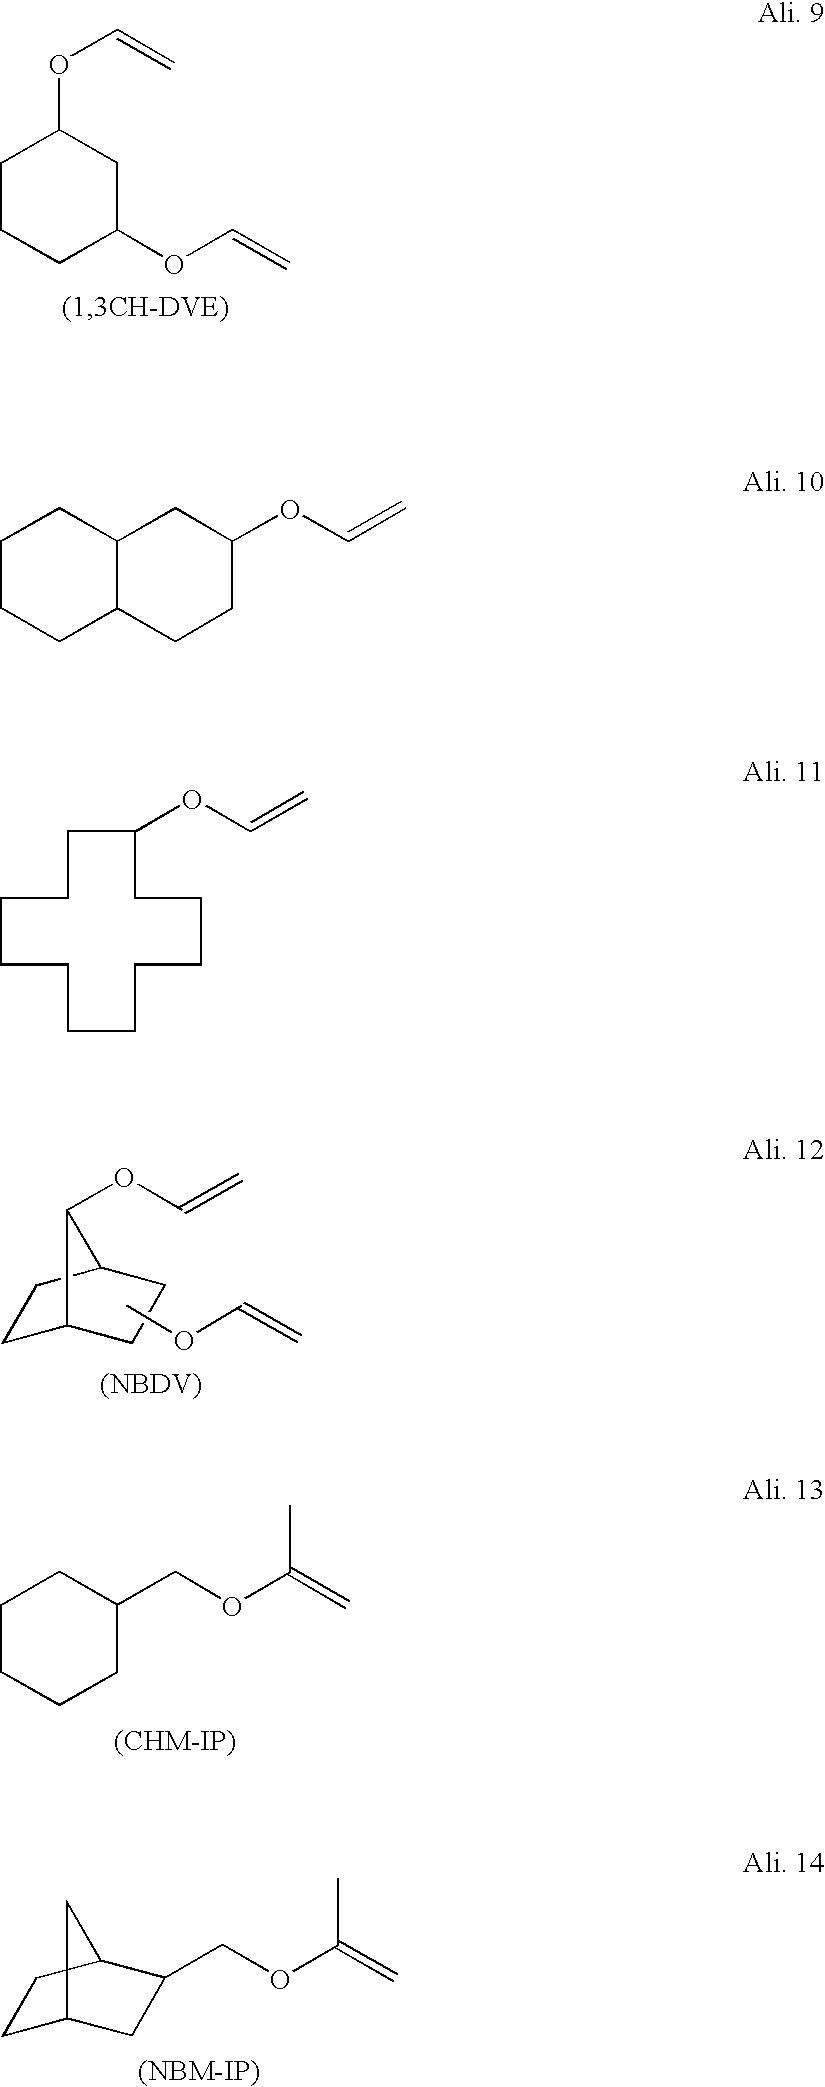 Figure US20100026771A1-20100204-C00008